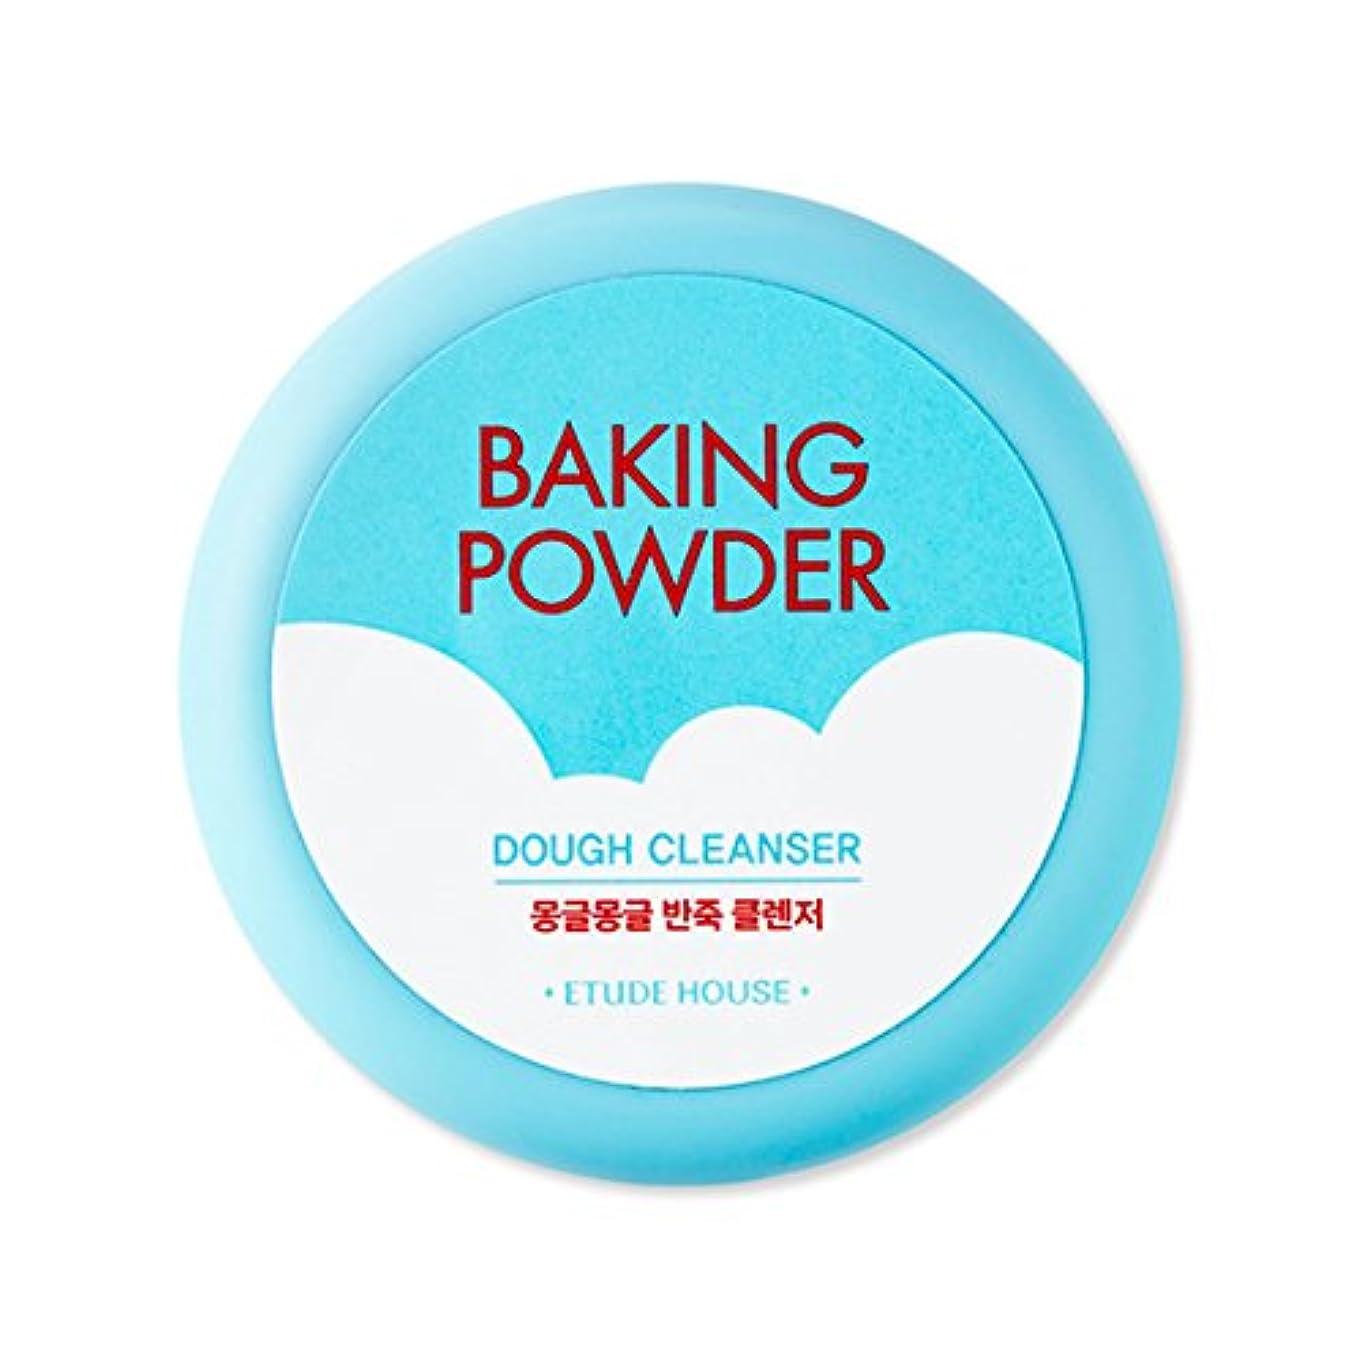 トランク間違いなくディレイ[New] ETUDE HOUSE Baking Powder Dough Cleanser 90g/エチュードハウス ベーキング パウダー ドウ クレンザー 90g [並行輸入品]